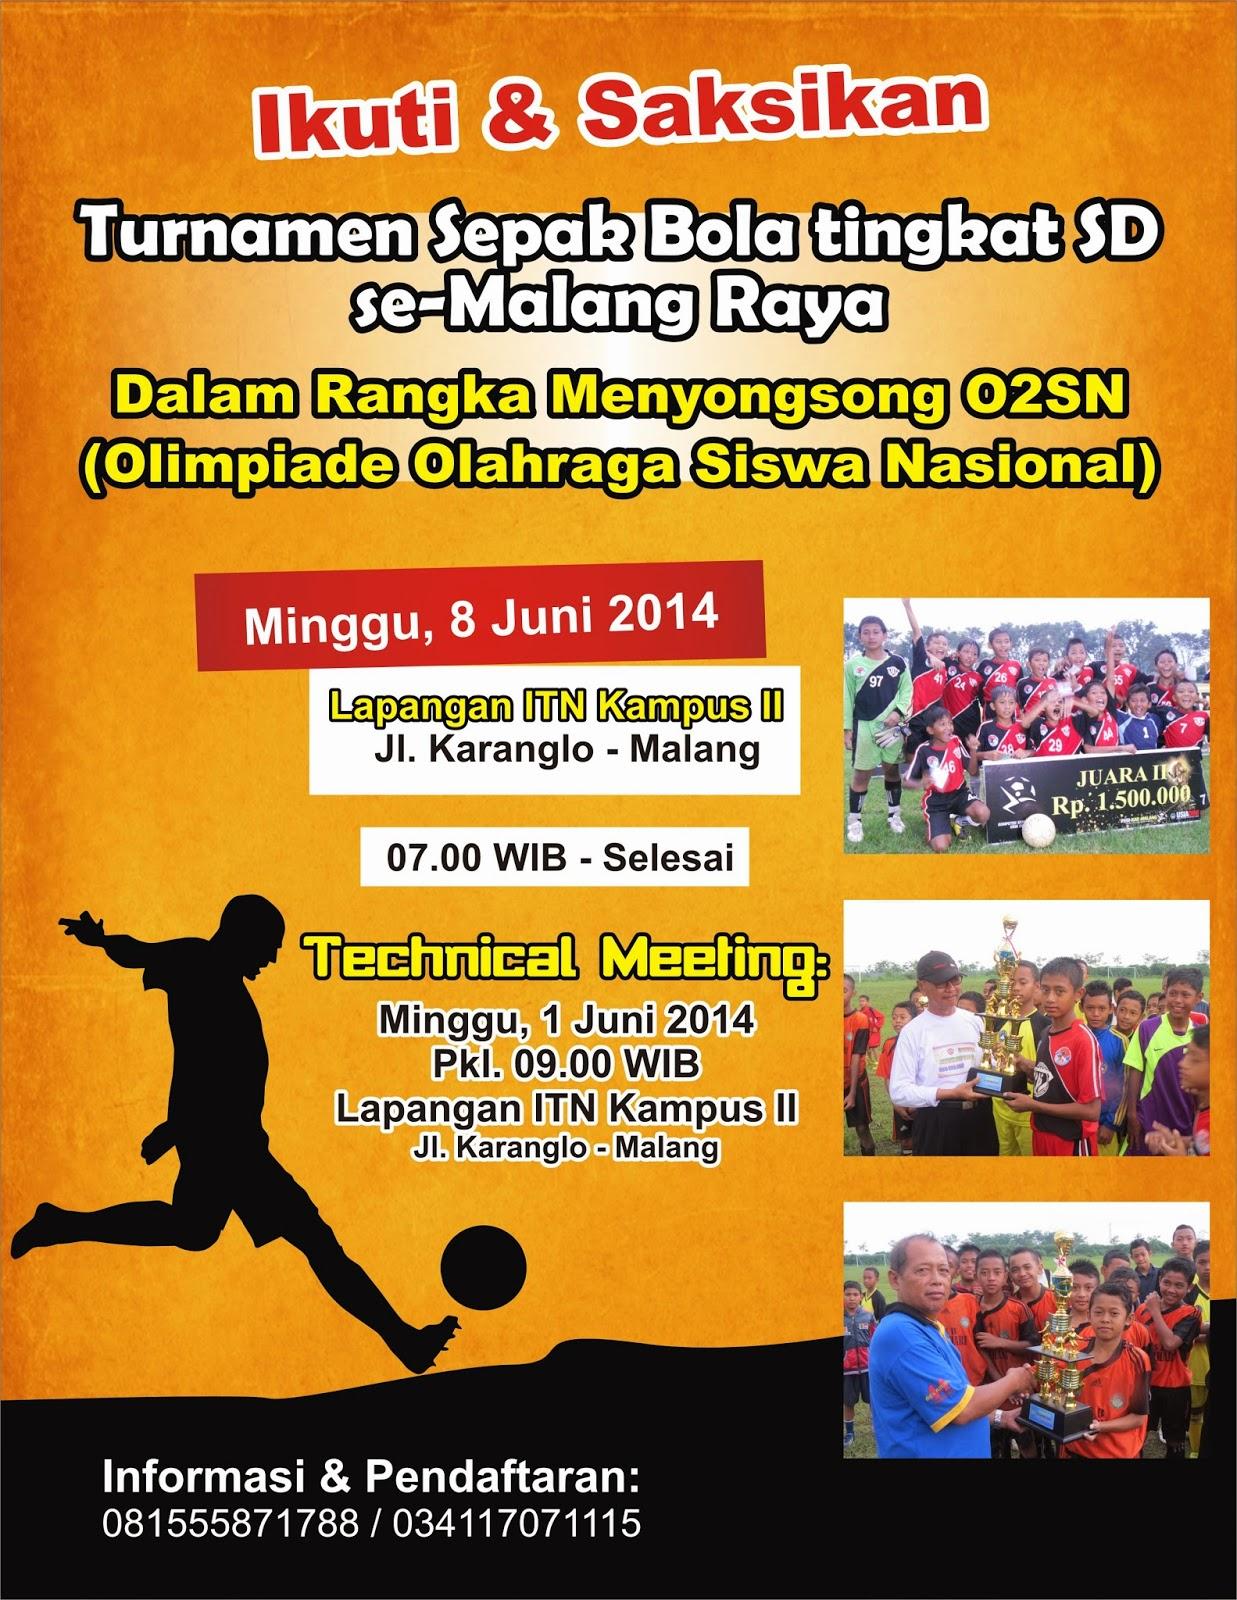 Contoh Poster Olahraga Sepak Bola Brad Erva Doce Info